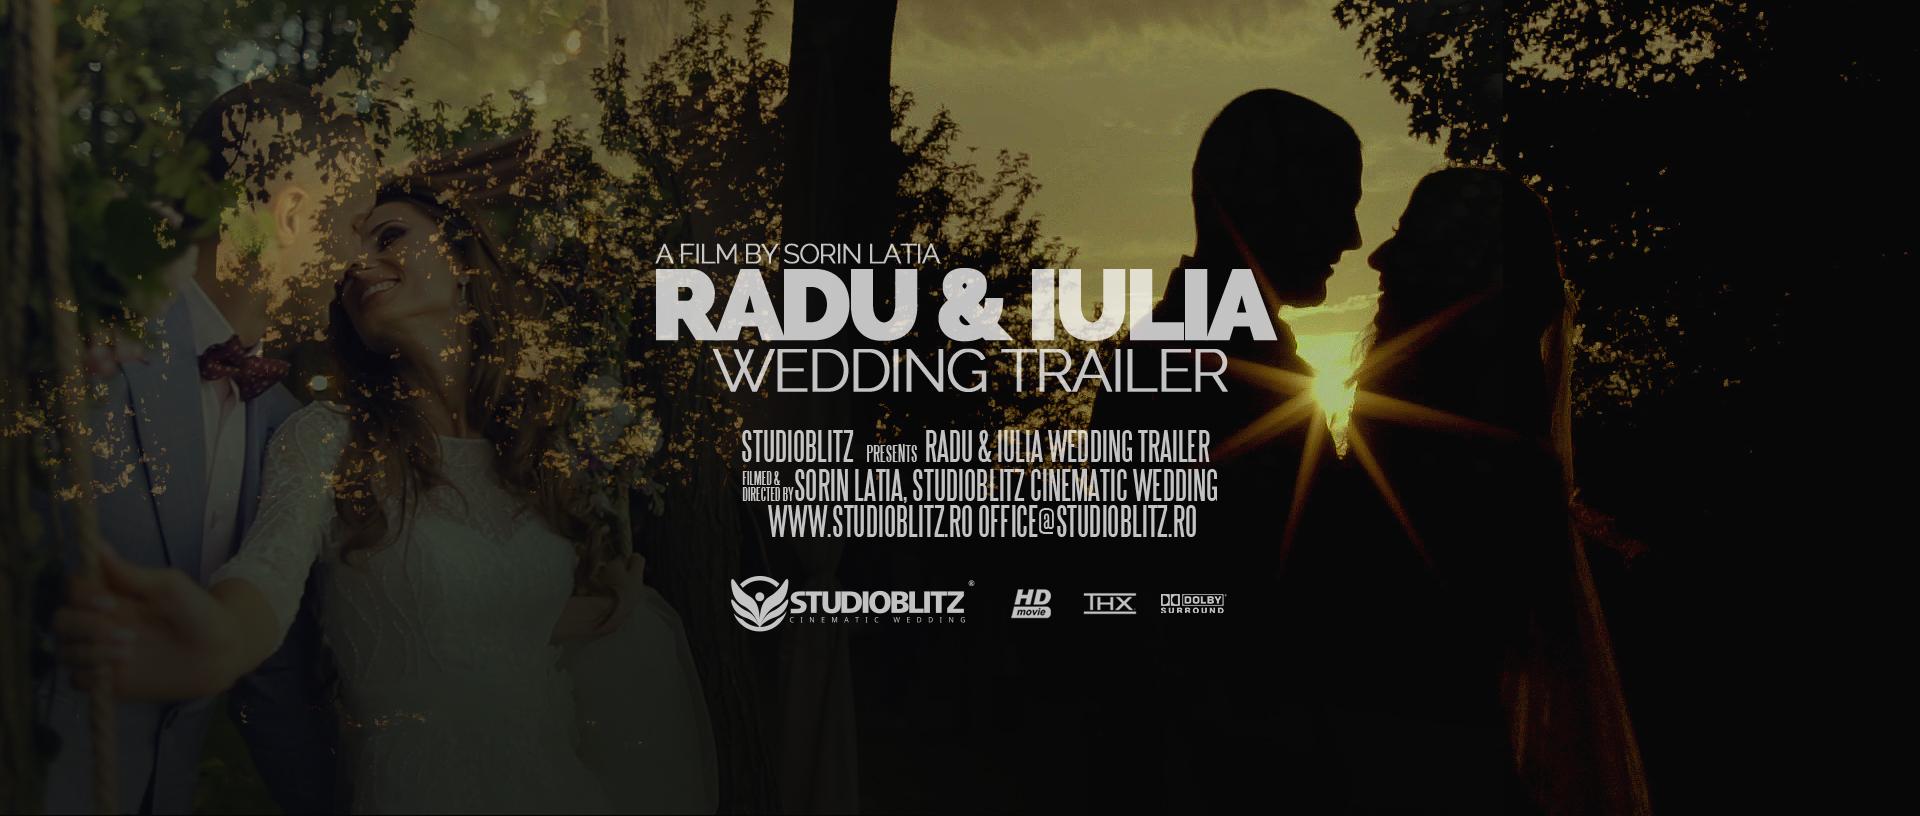 coperta-filmare-padurile-regale-trailer-de-nunta-iulia-si-radu